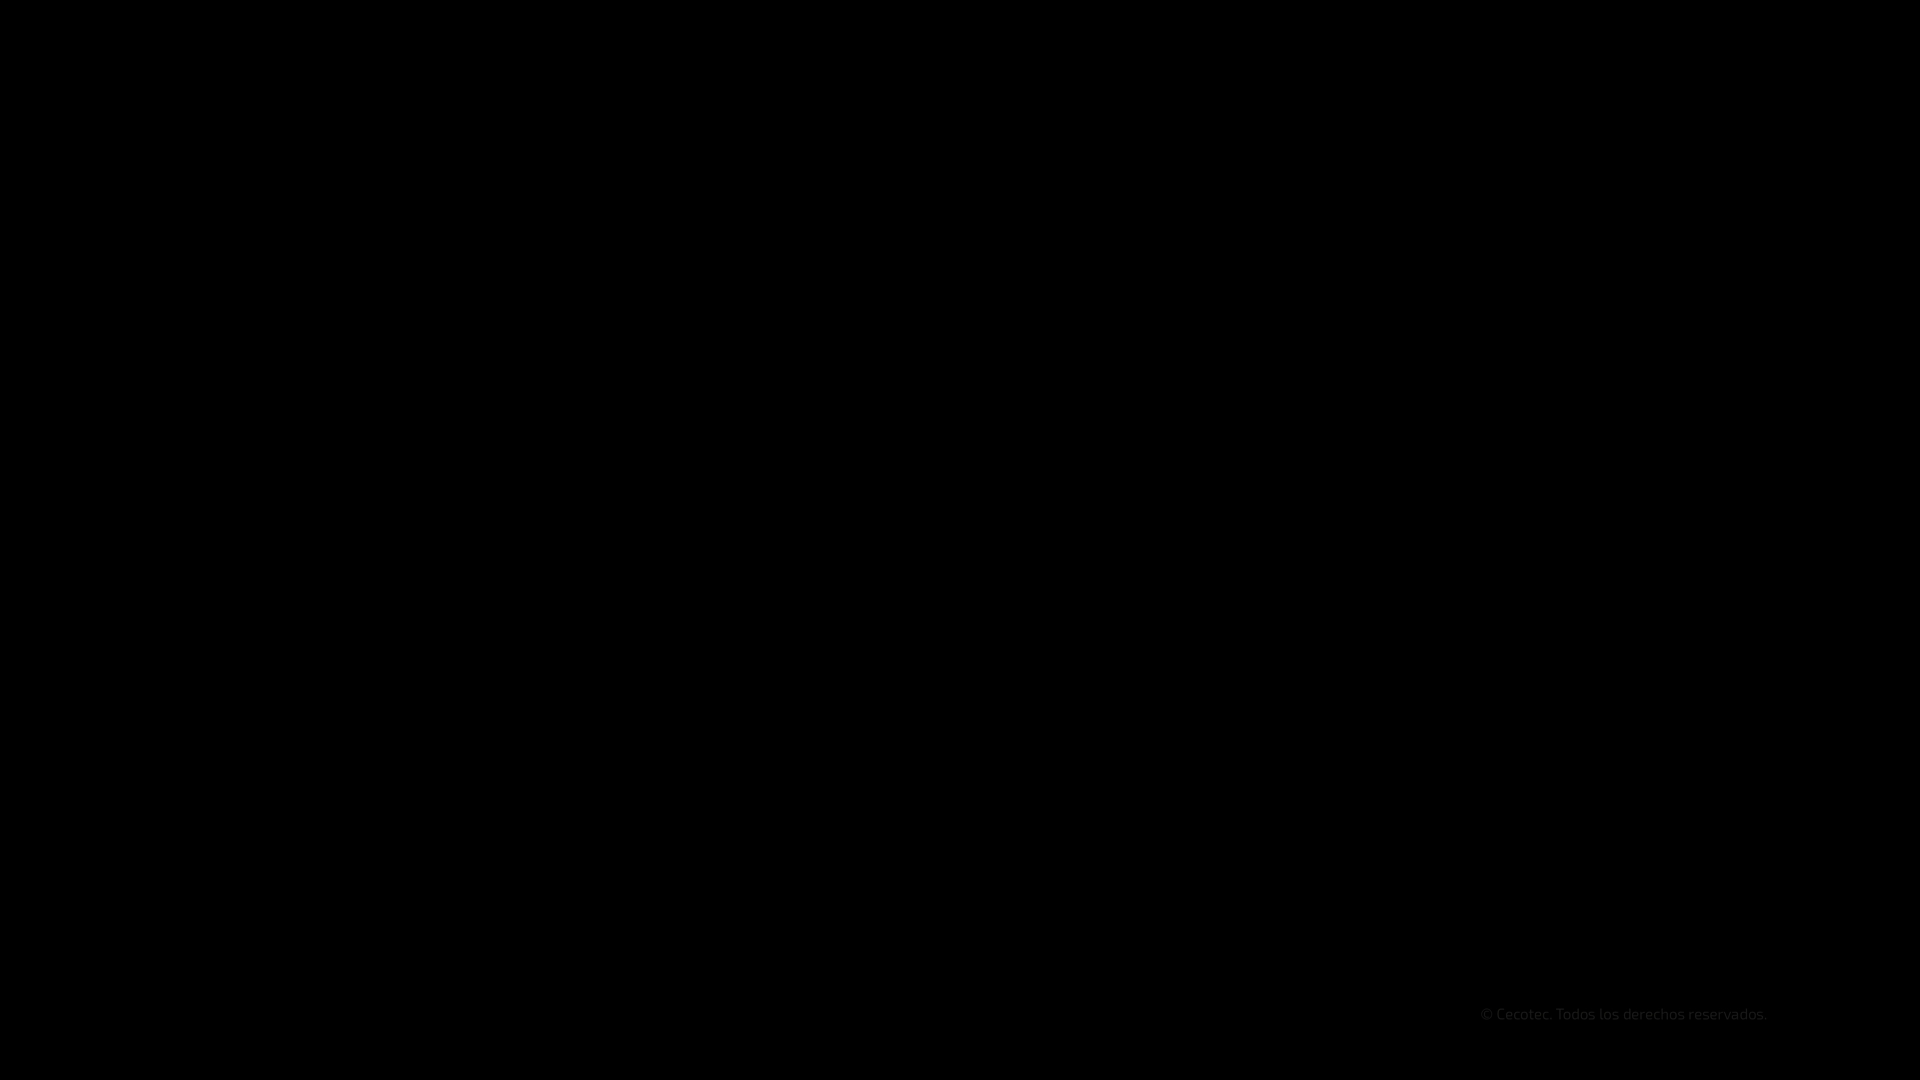 Cecotec Aspirador motor digital Congal RockStar 500 Ultimate, Aspirador sin cables 3 en 1: vertical, escoba y de mano, con motor digital brushless, 430W de potencia y 24 KPA, Hasta 65 min